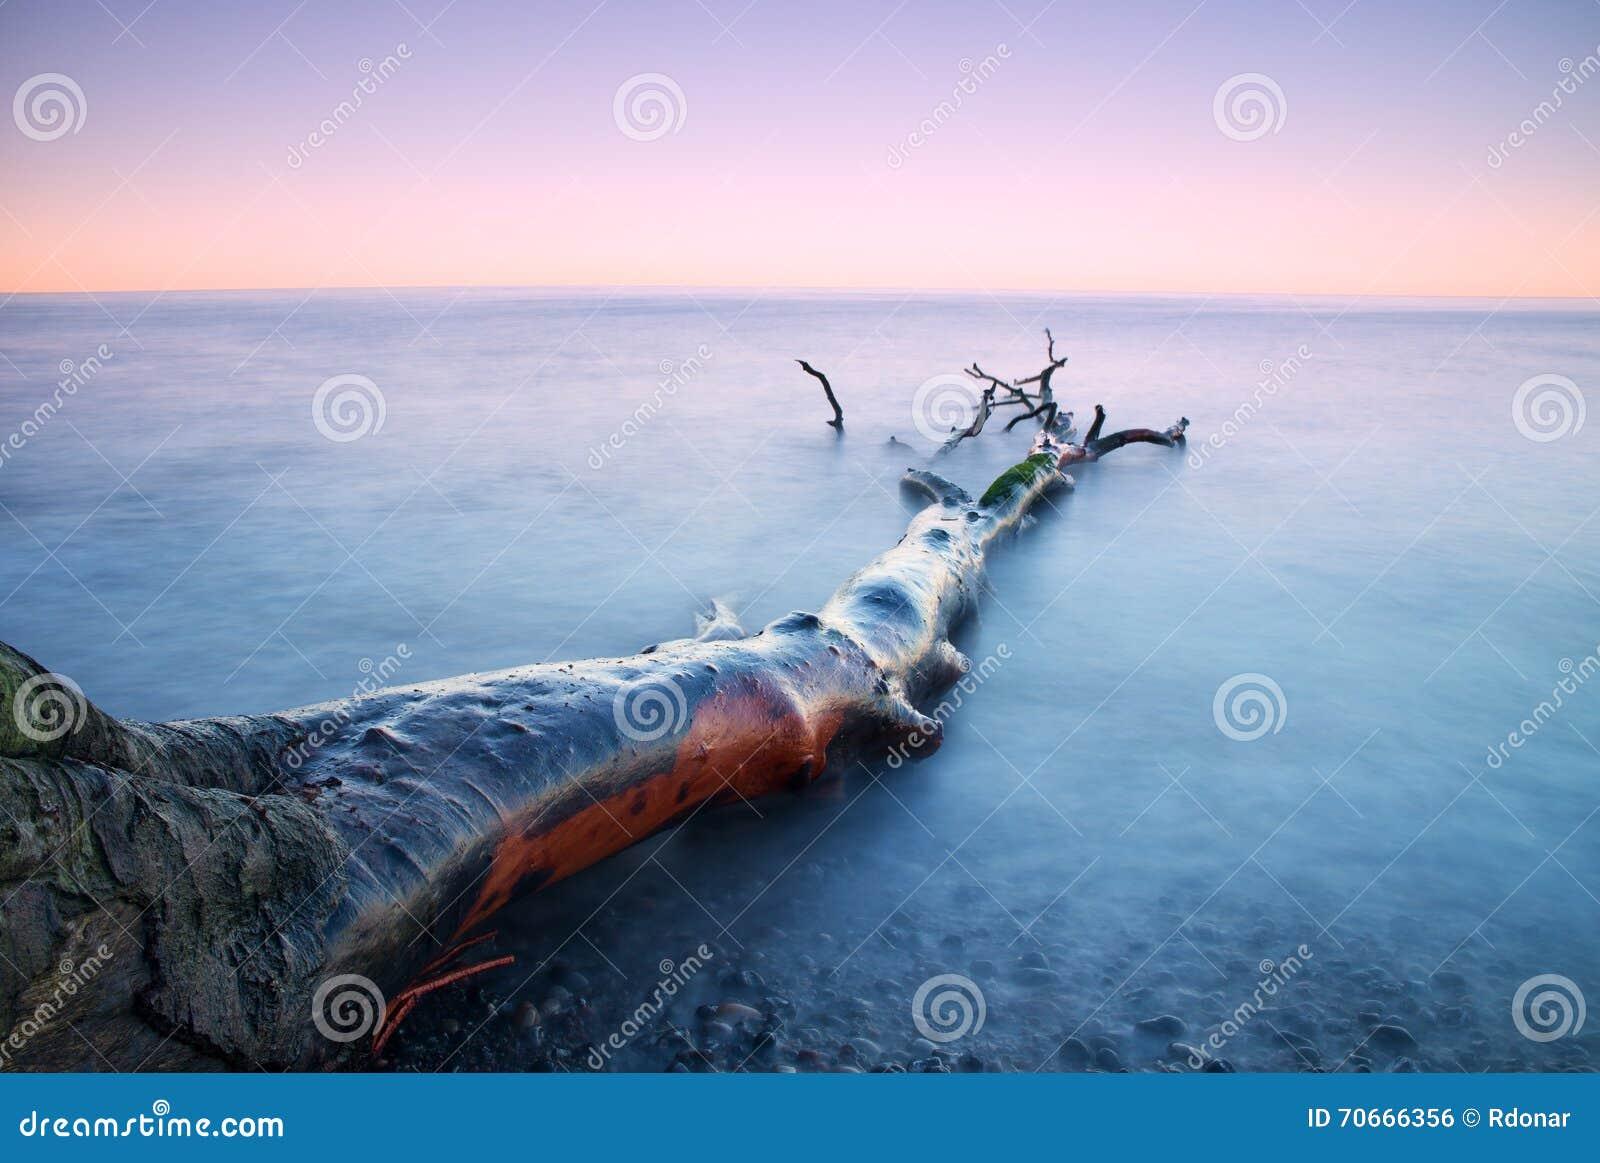 Romantyczny zmierzchu czas Osamotniony spadać drzewo na pustej kamienistej linii brzegowej Śmiertelny drzewo z gałąź w wodzie, na